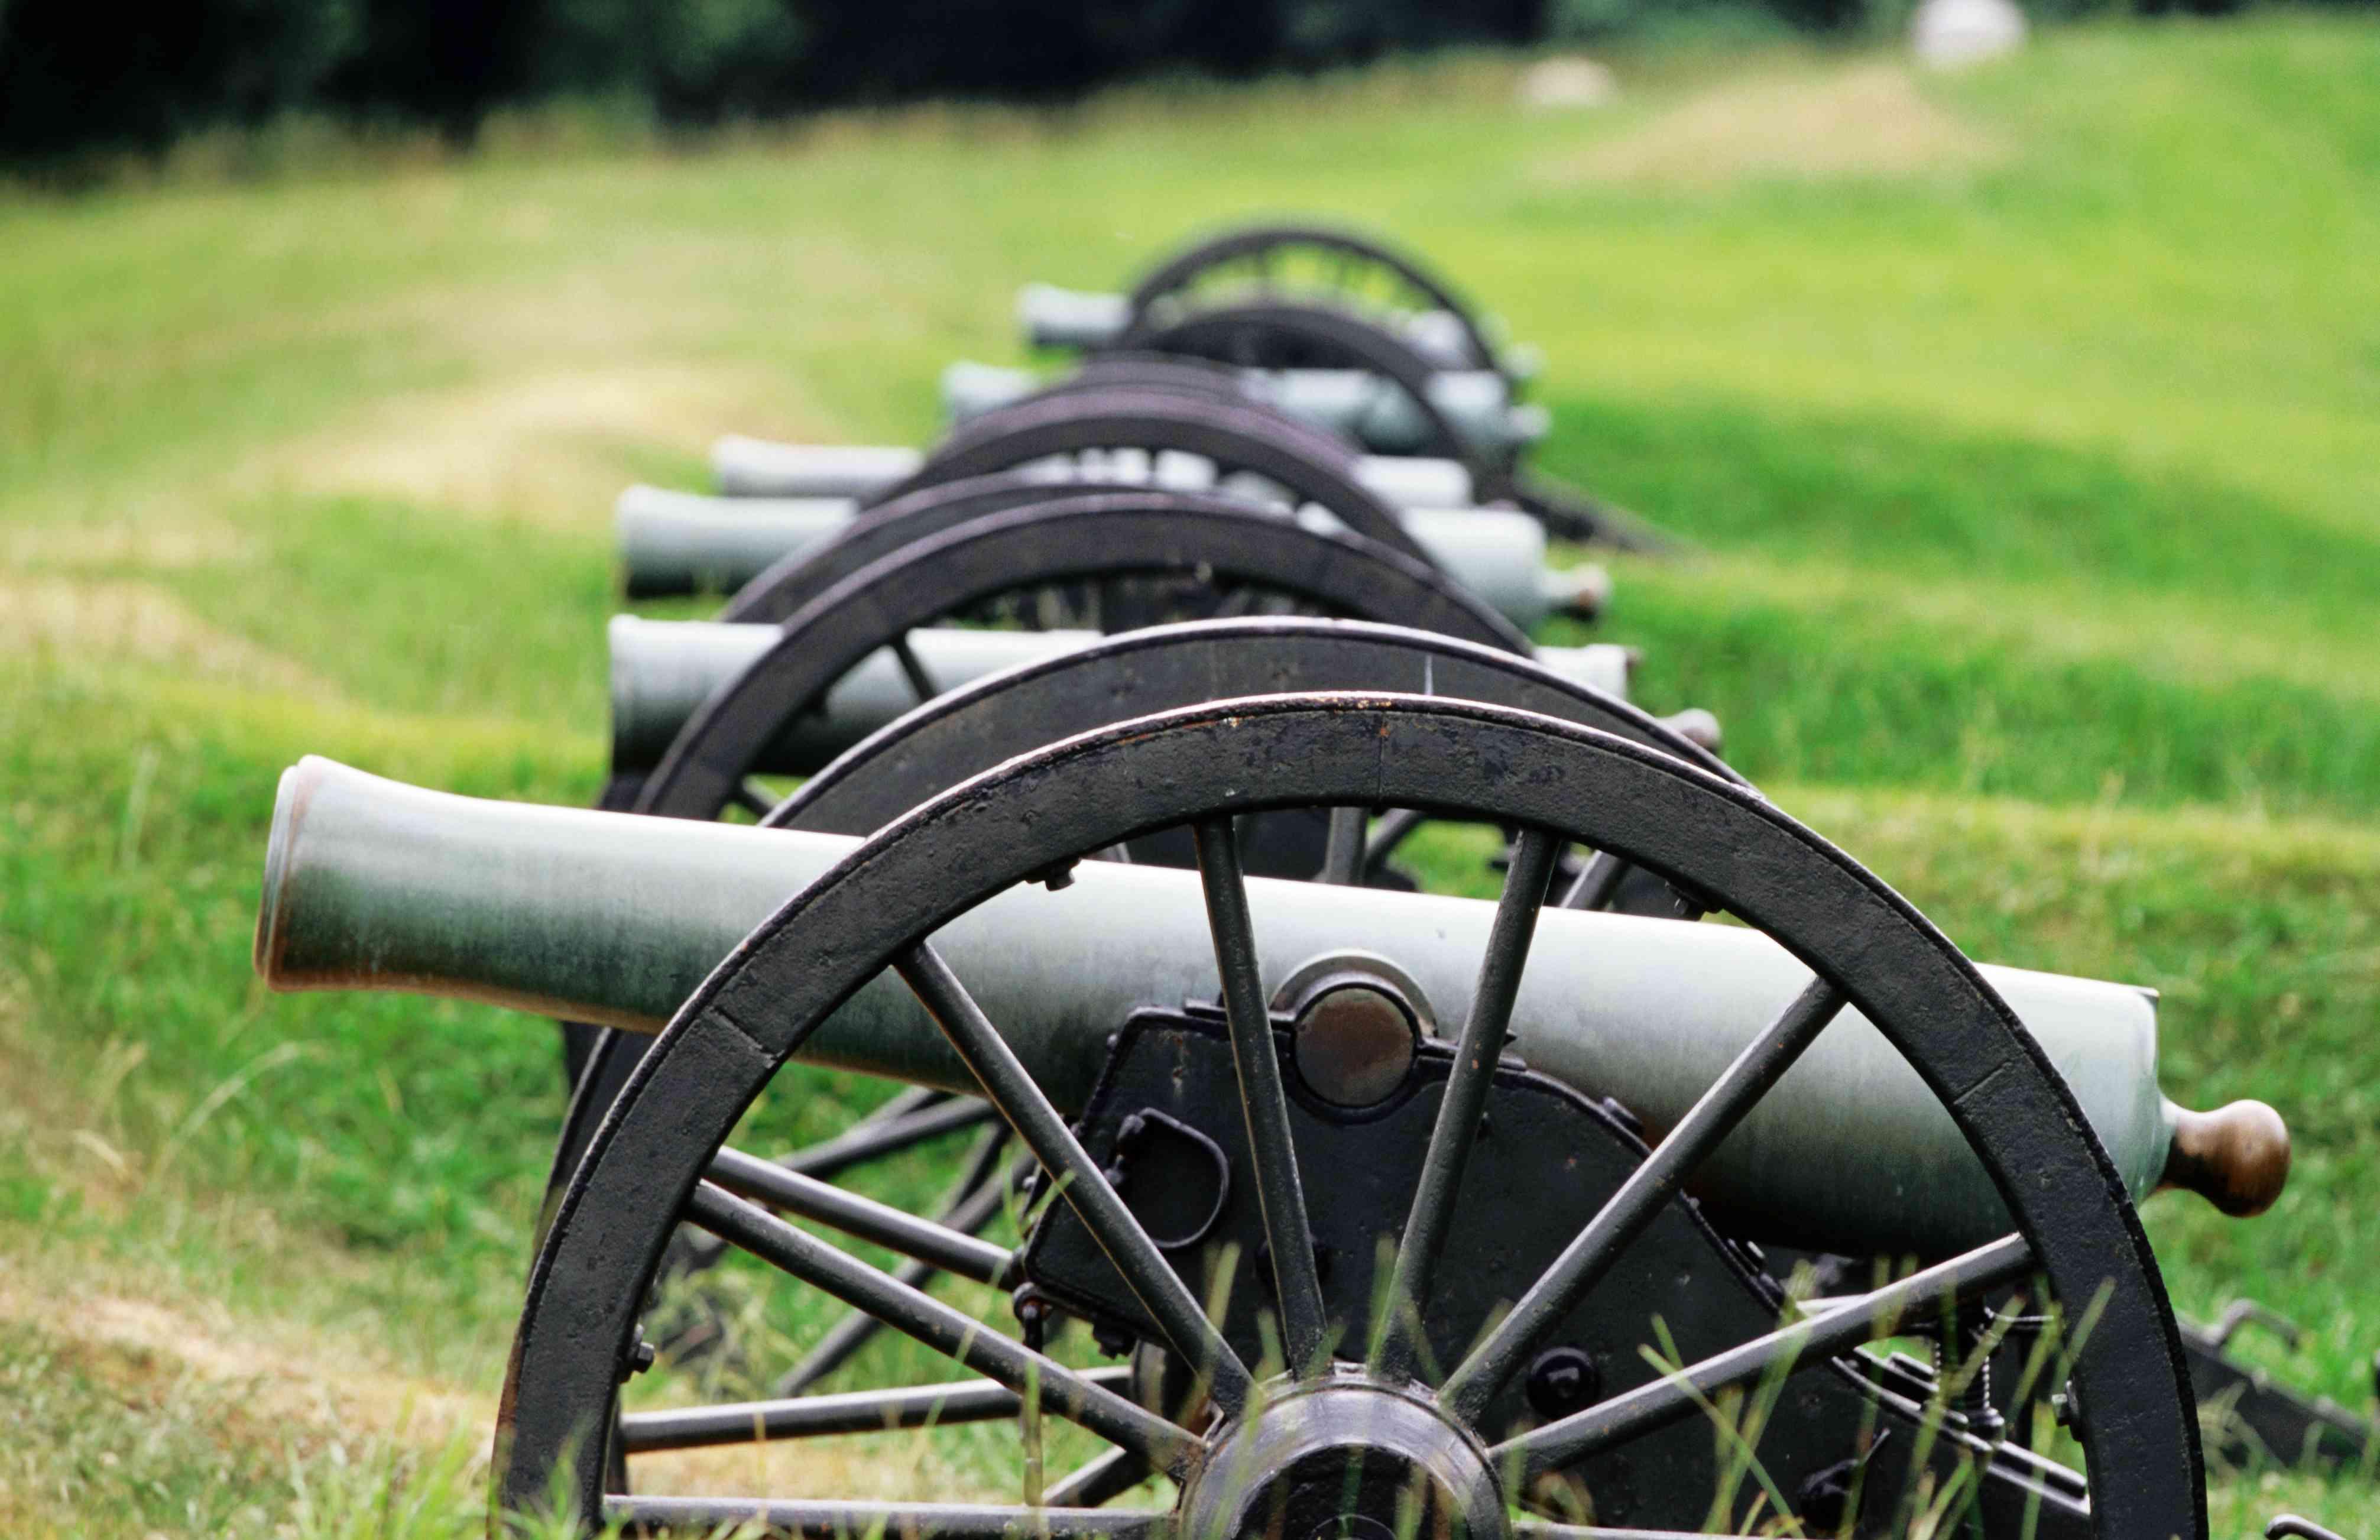 Cannons at Vicksburg National Military Park, Vicksburg, United States of America